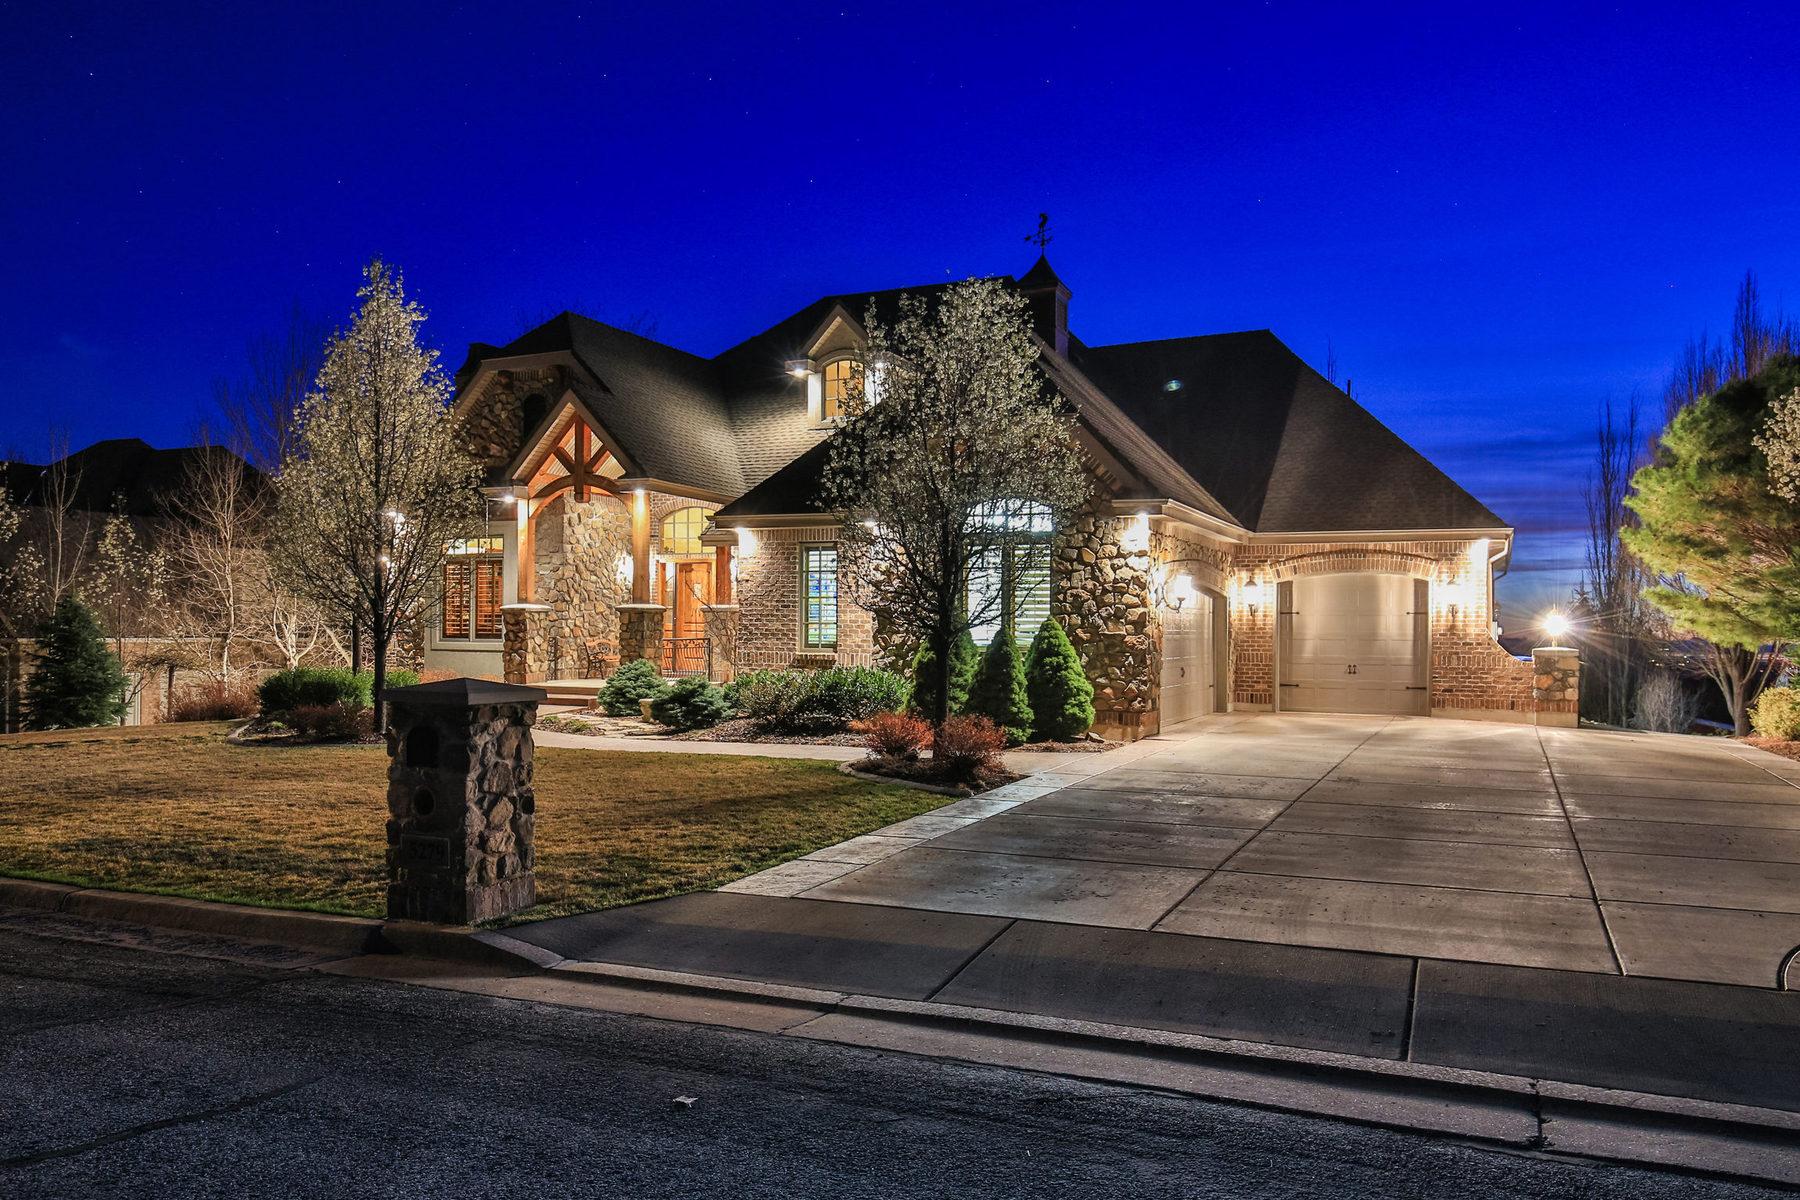 Частный односемейный дом для того Продажа на Ogden East Bench Masterpiece 5279 S Ridgedale Dr Ogden, Юта 84403 Соединенные Штаты